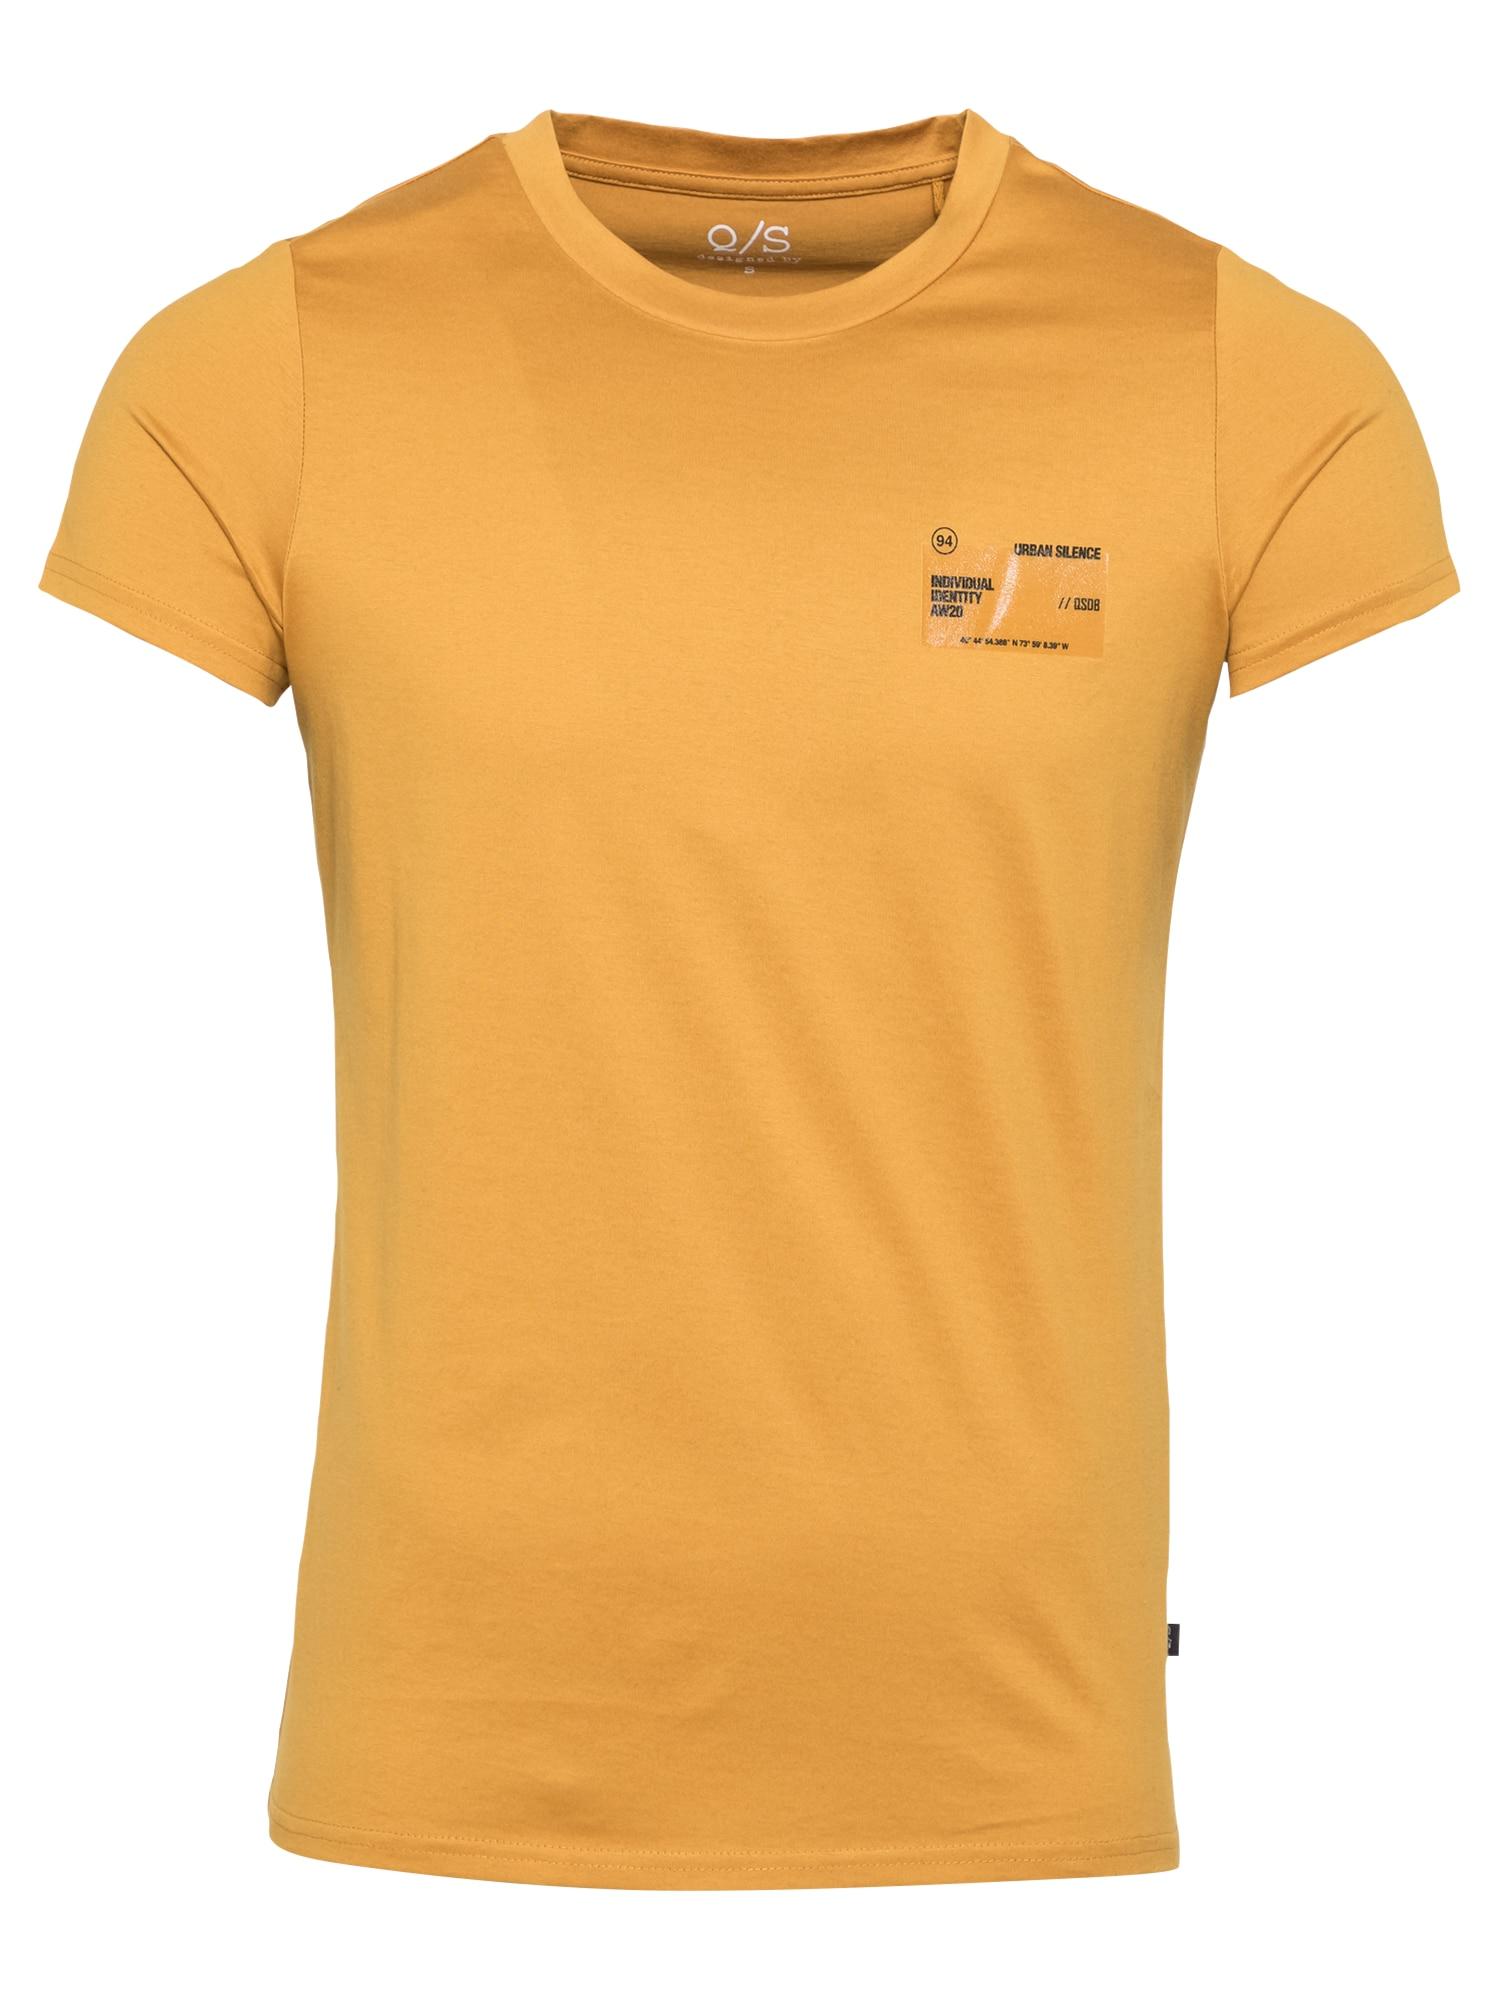 Q/S designed by Marškinėliai aukso geltonumo spalva / juoda